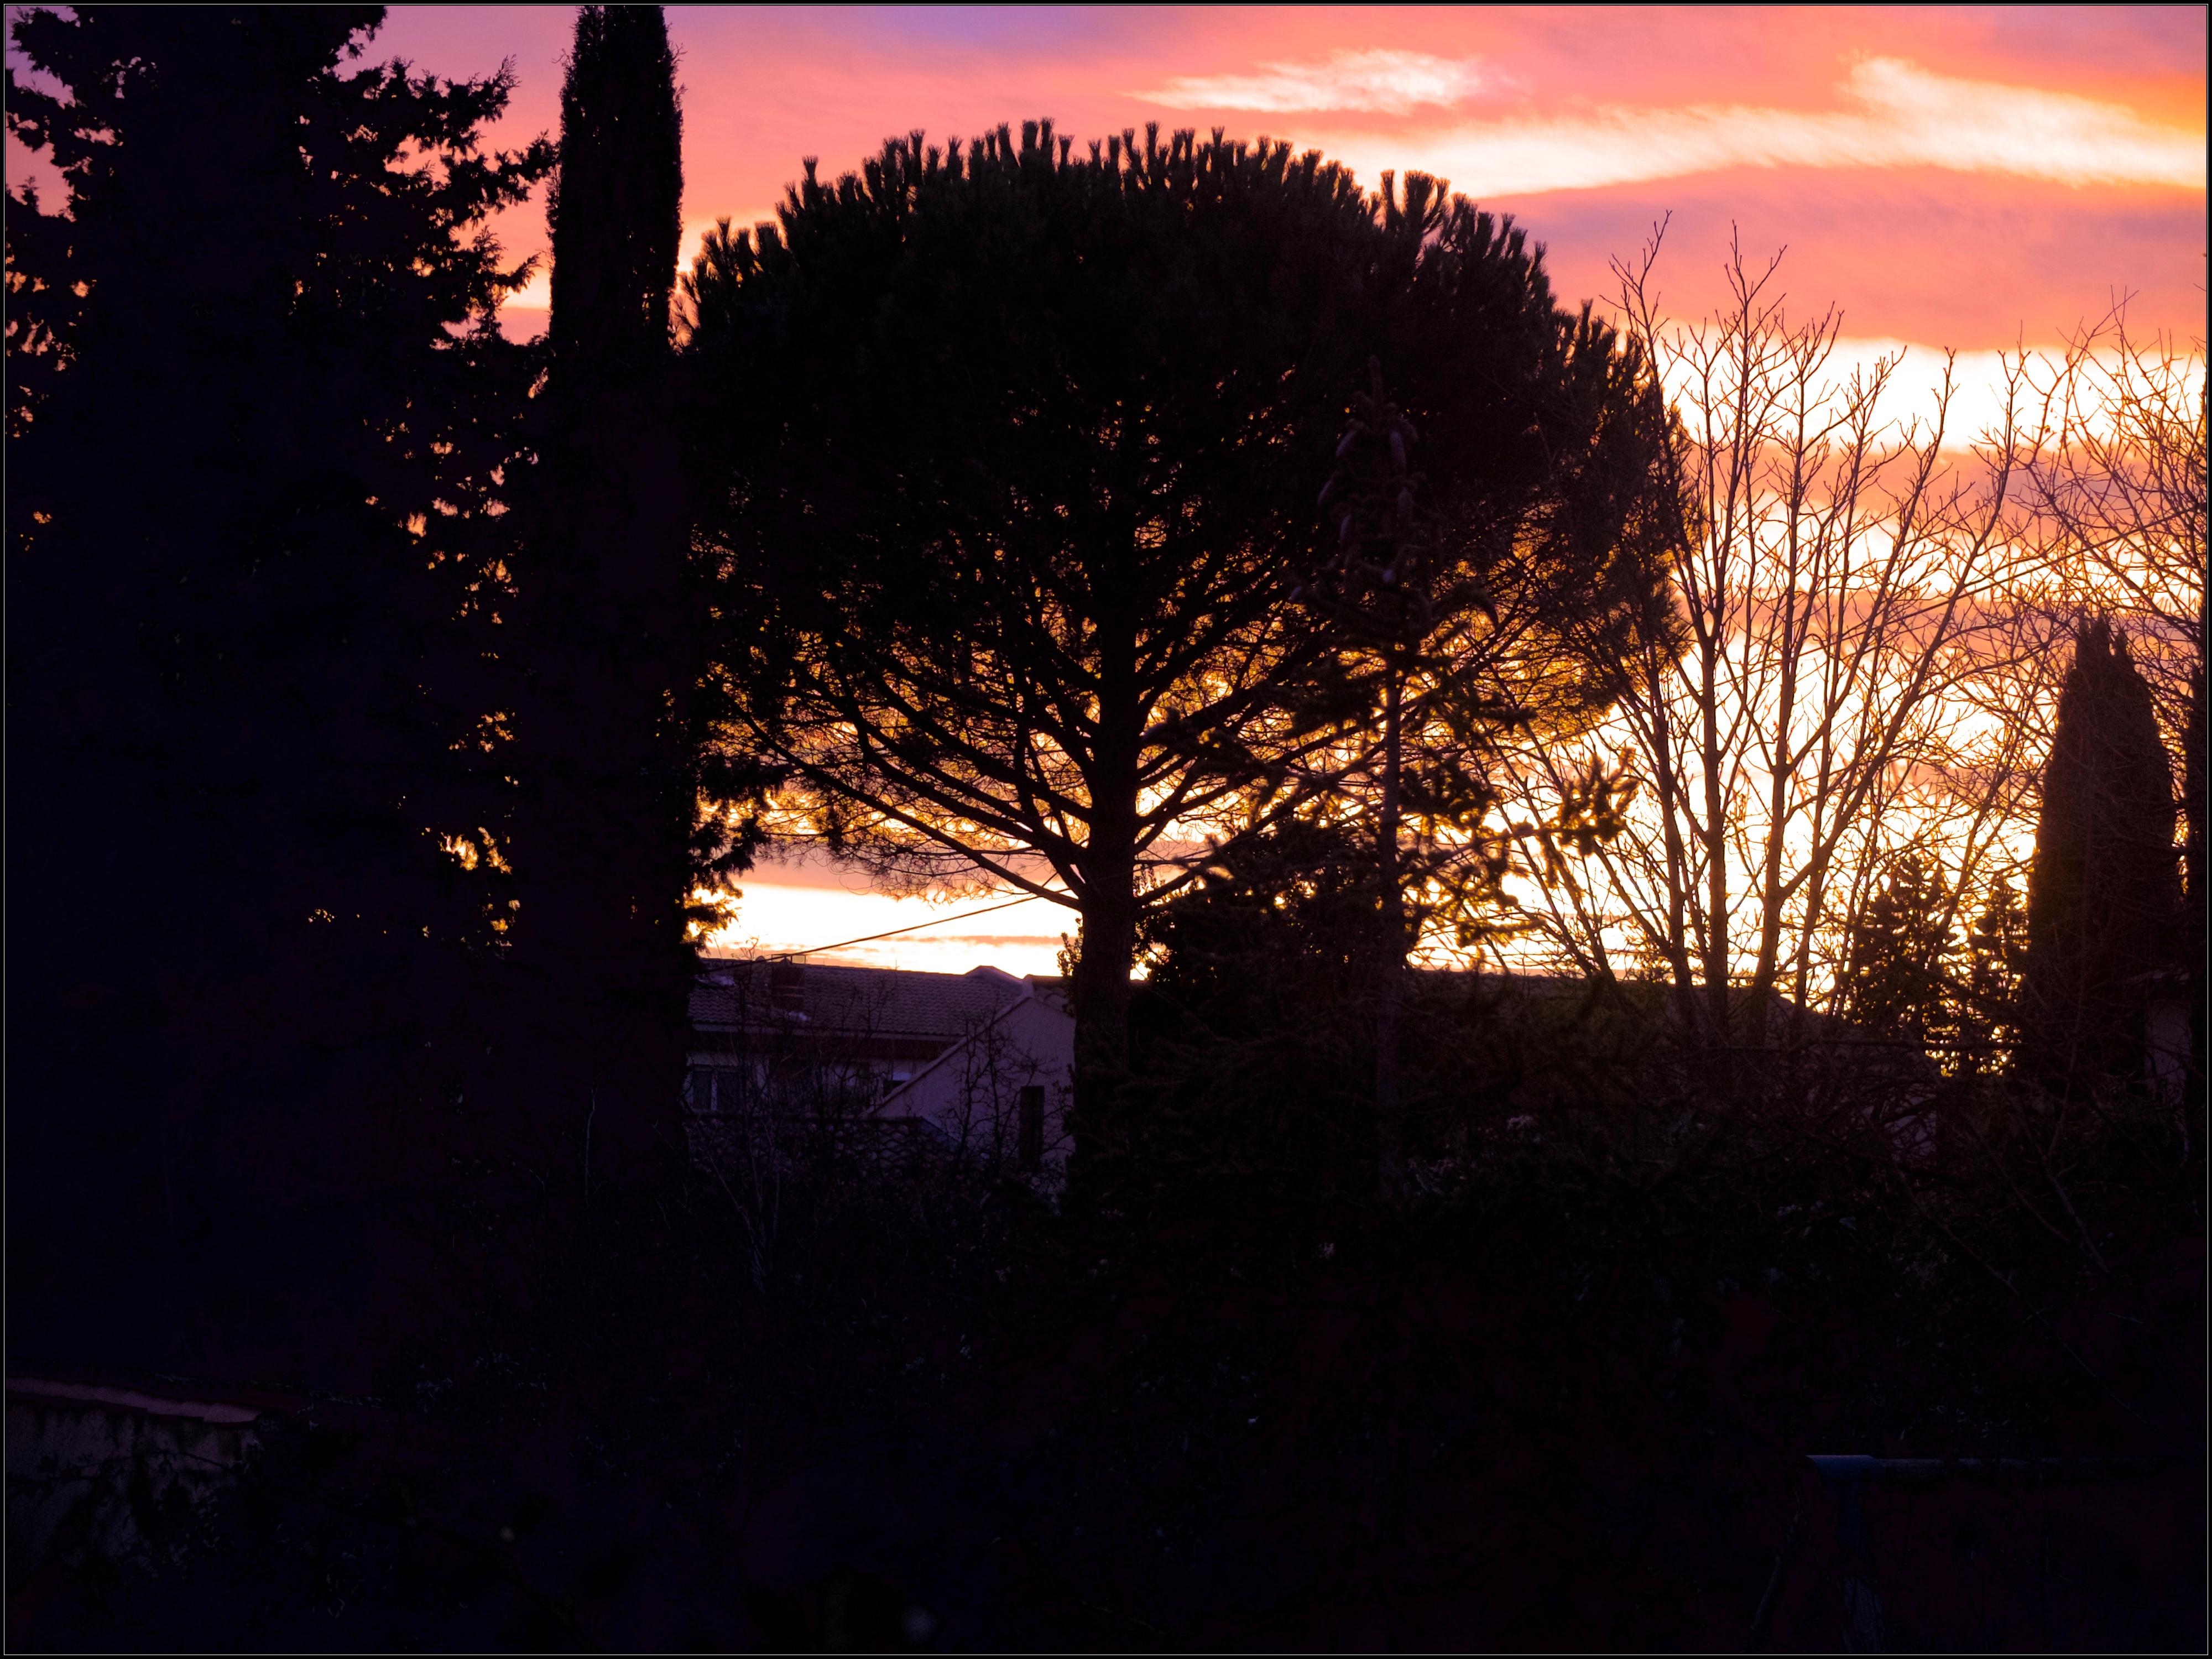 [Image d'hier soir] Crépuscule provençal